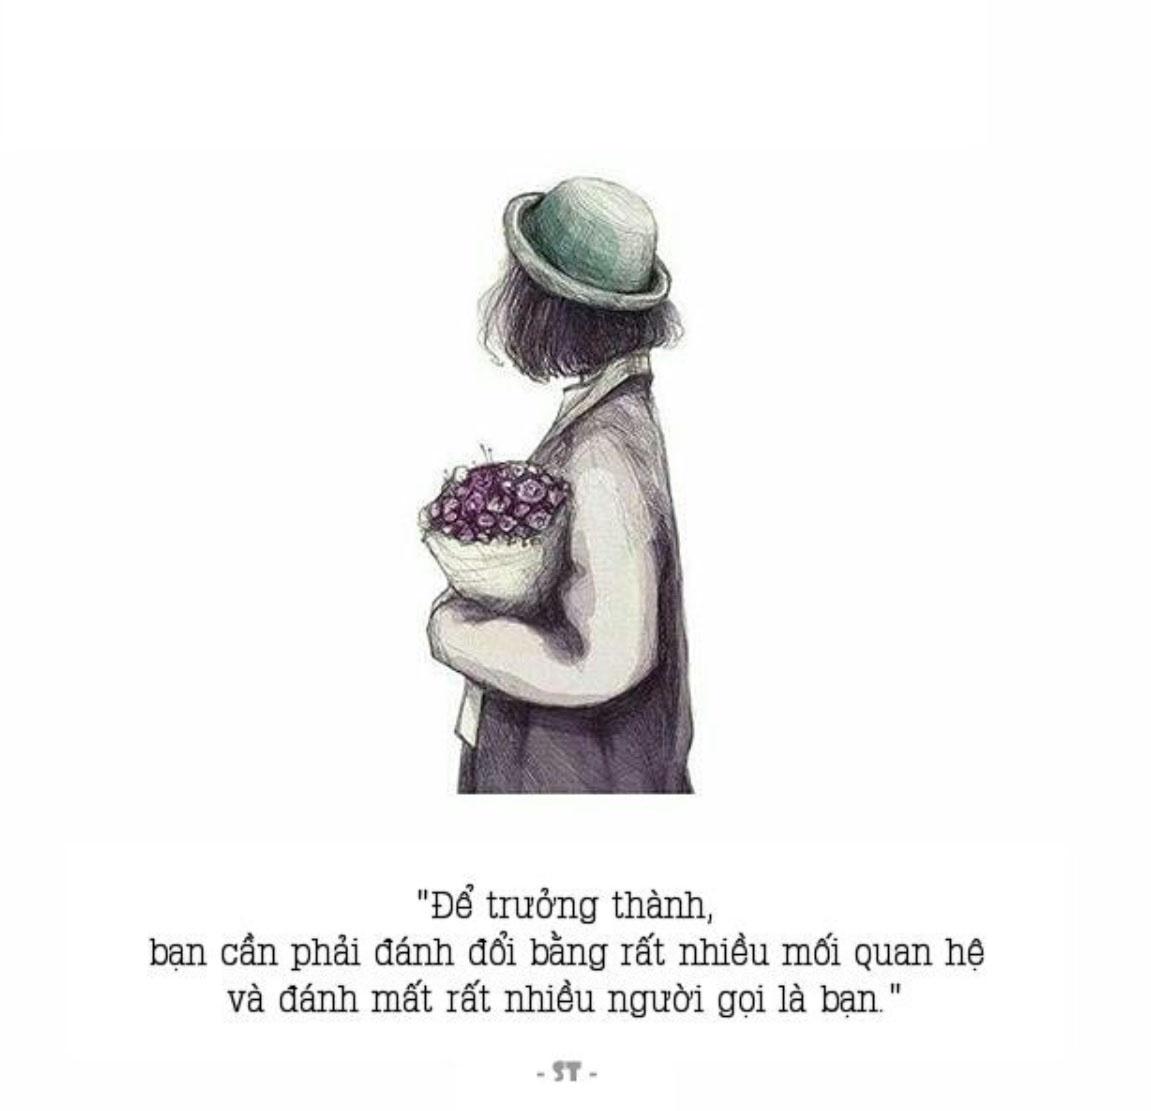 Những câu nói hình ảnh quotes buồn đẹp